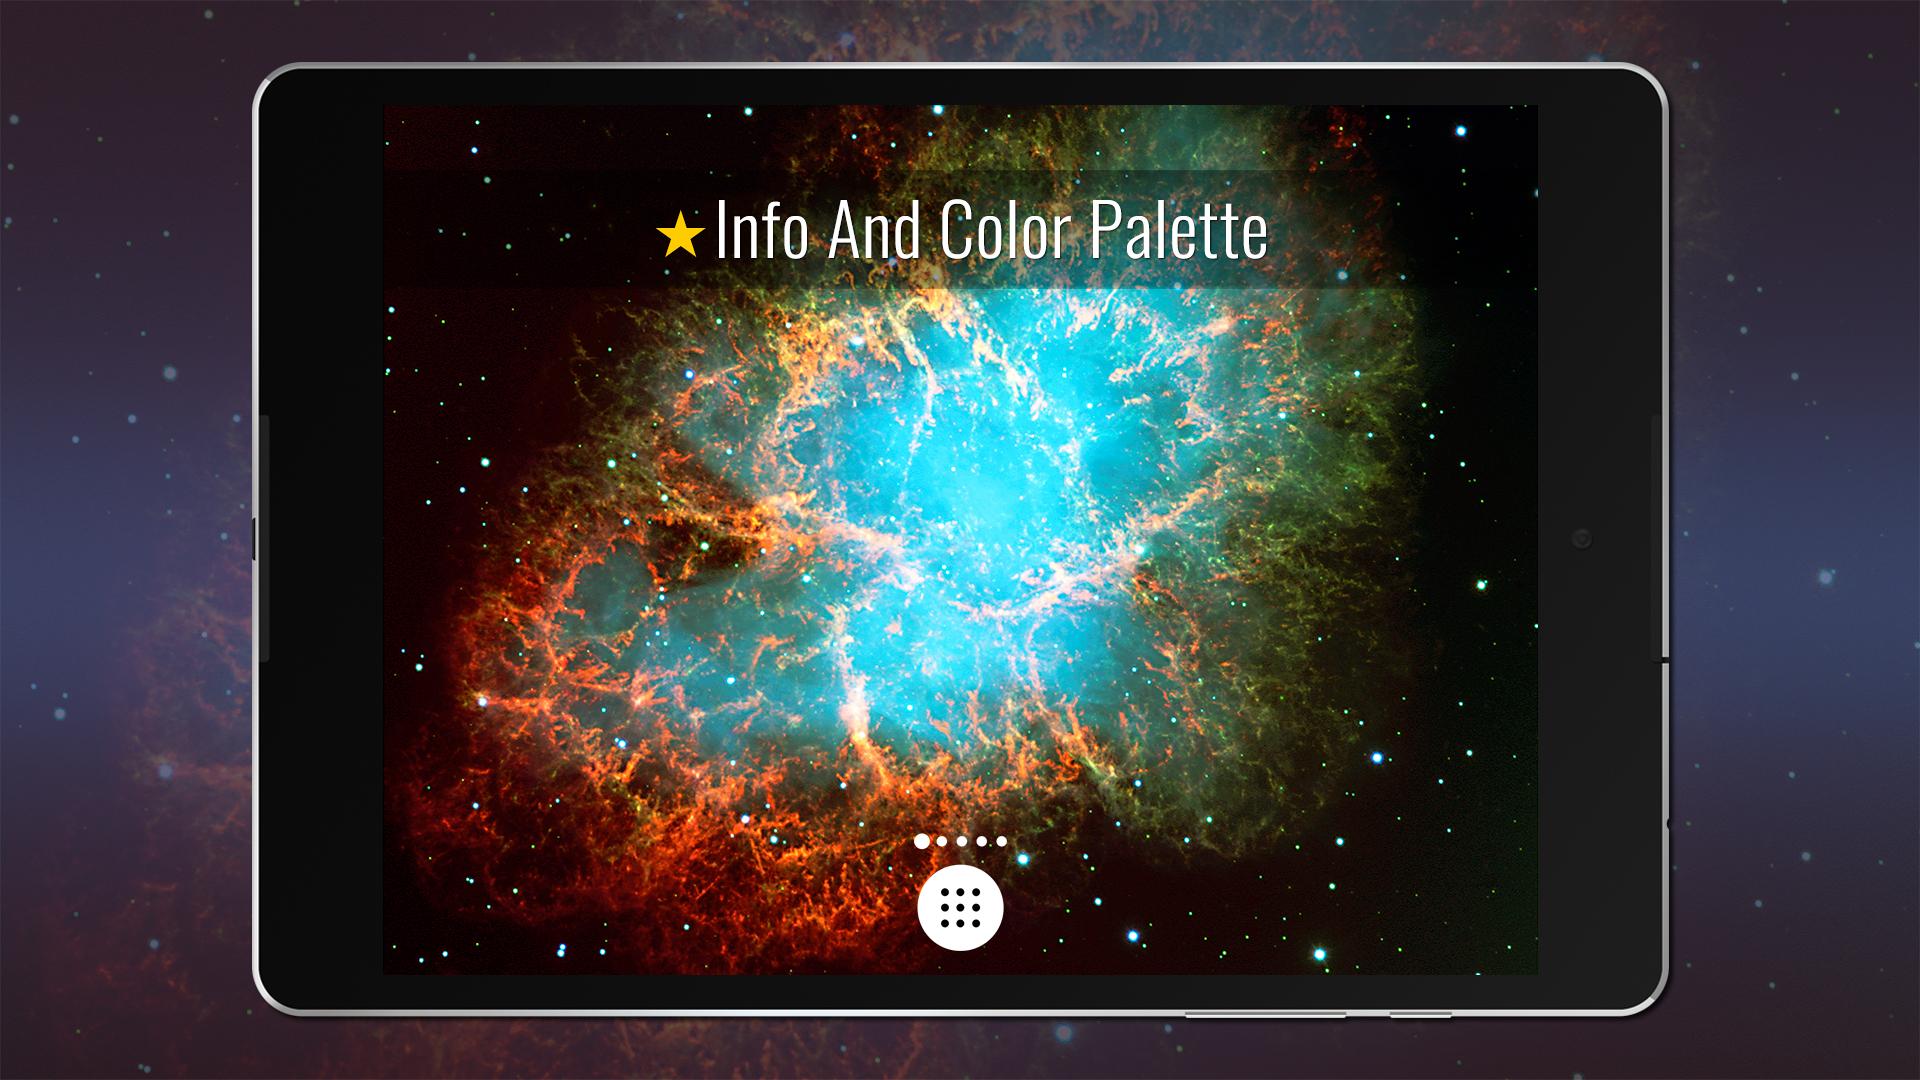 Galaxie Hd Fonds D Ecran Amazon Fr Appstore Pour Android